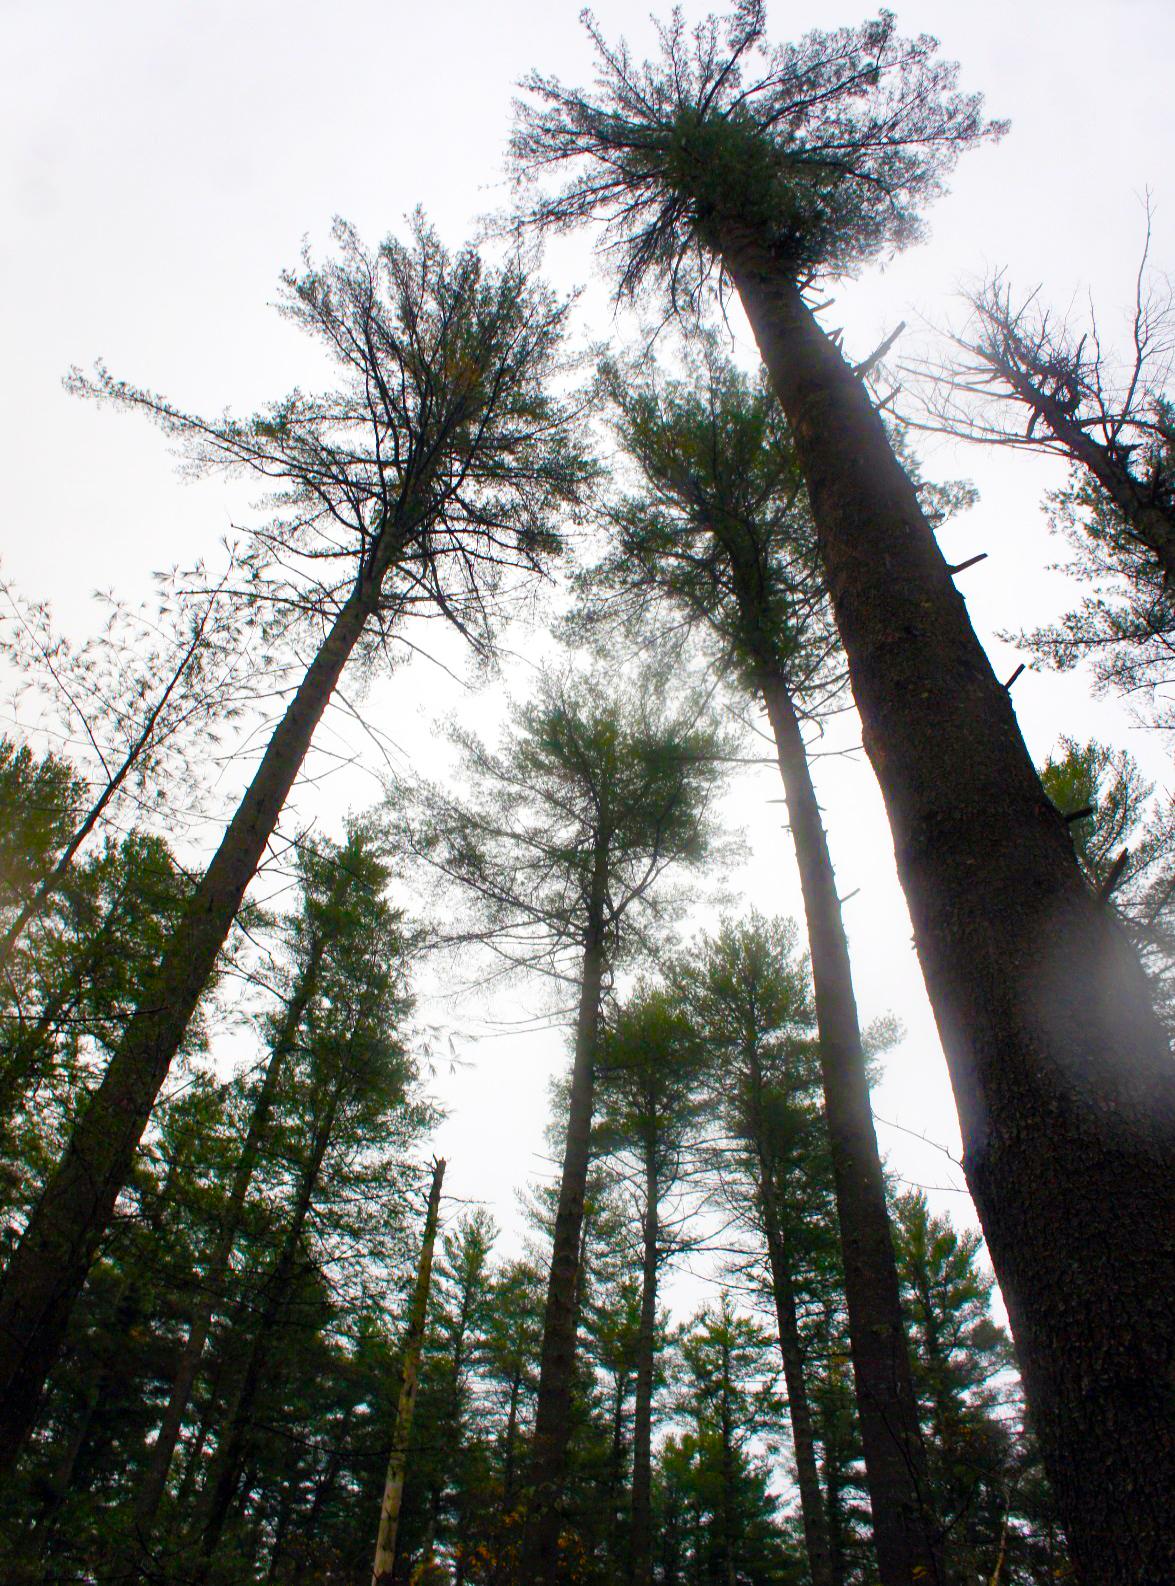 Large white pines